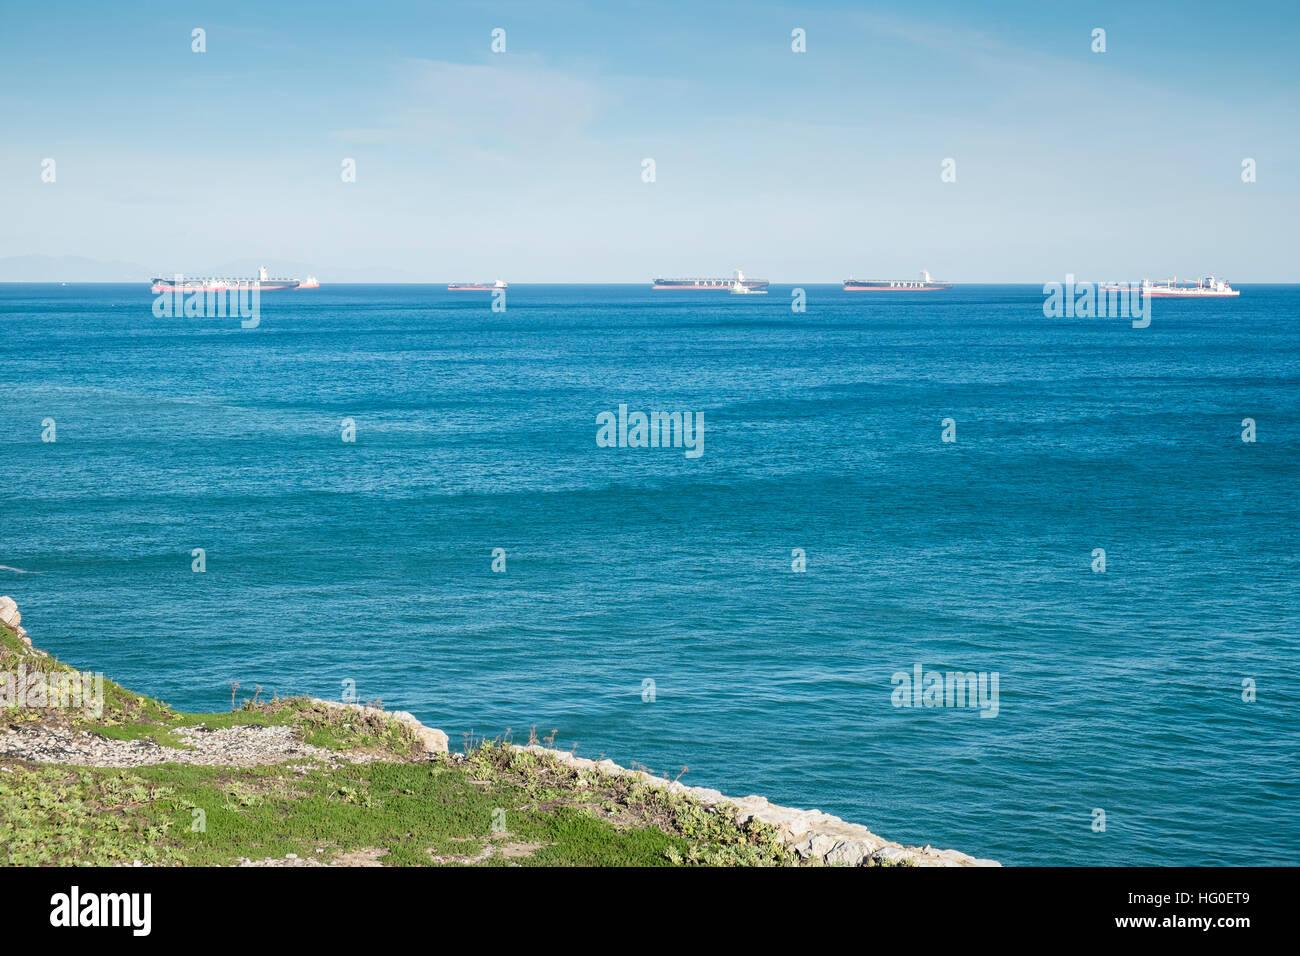 Les pétroliers au détroit de Gibraltar. Banque D'Images